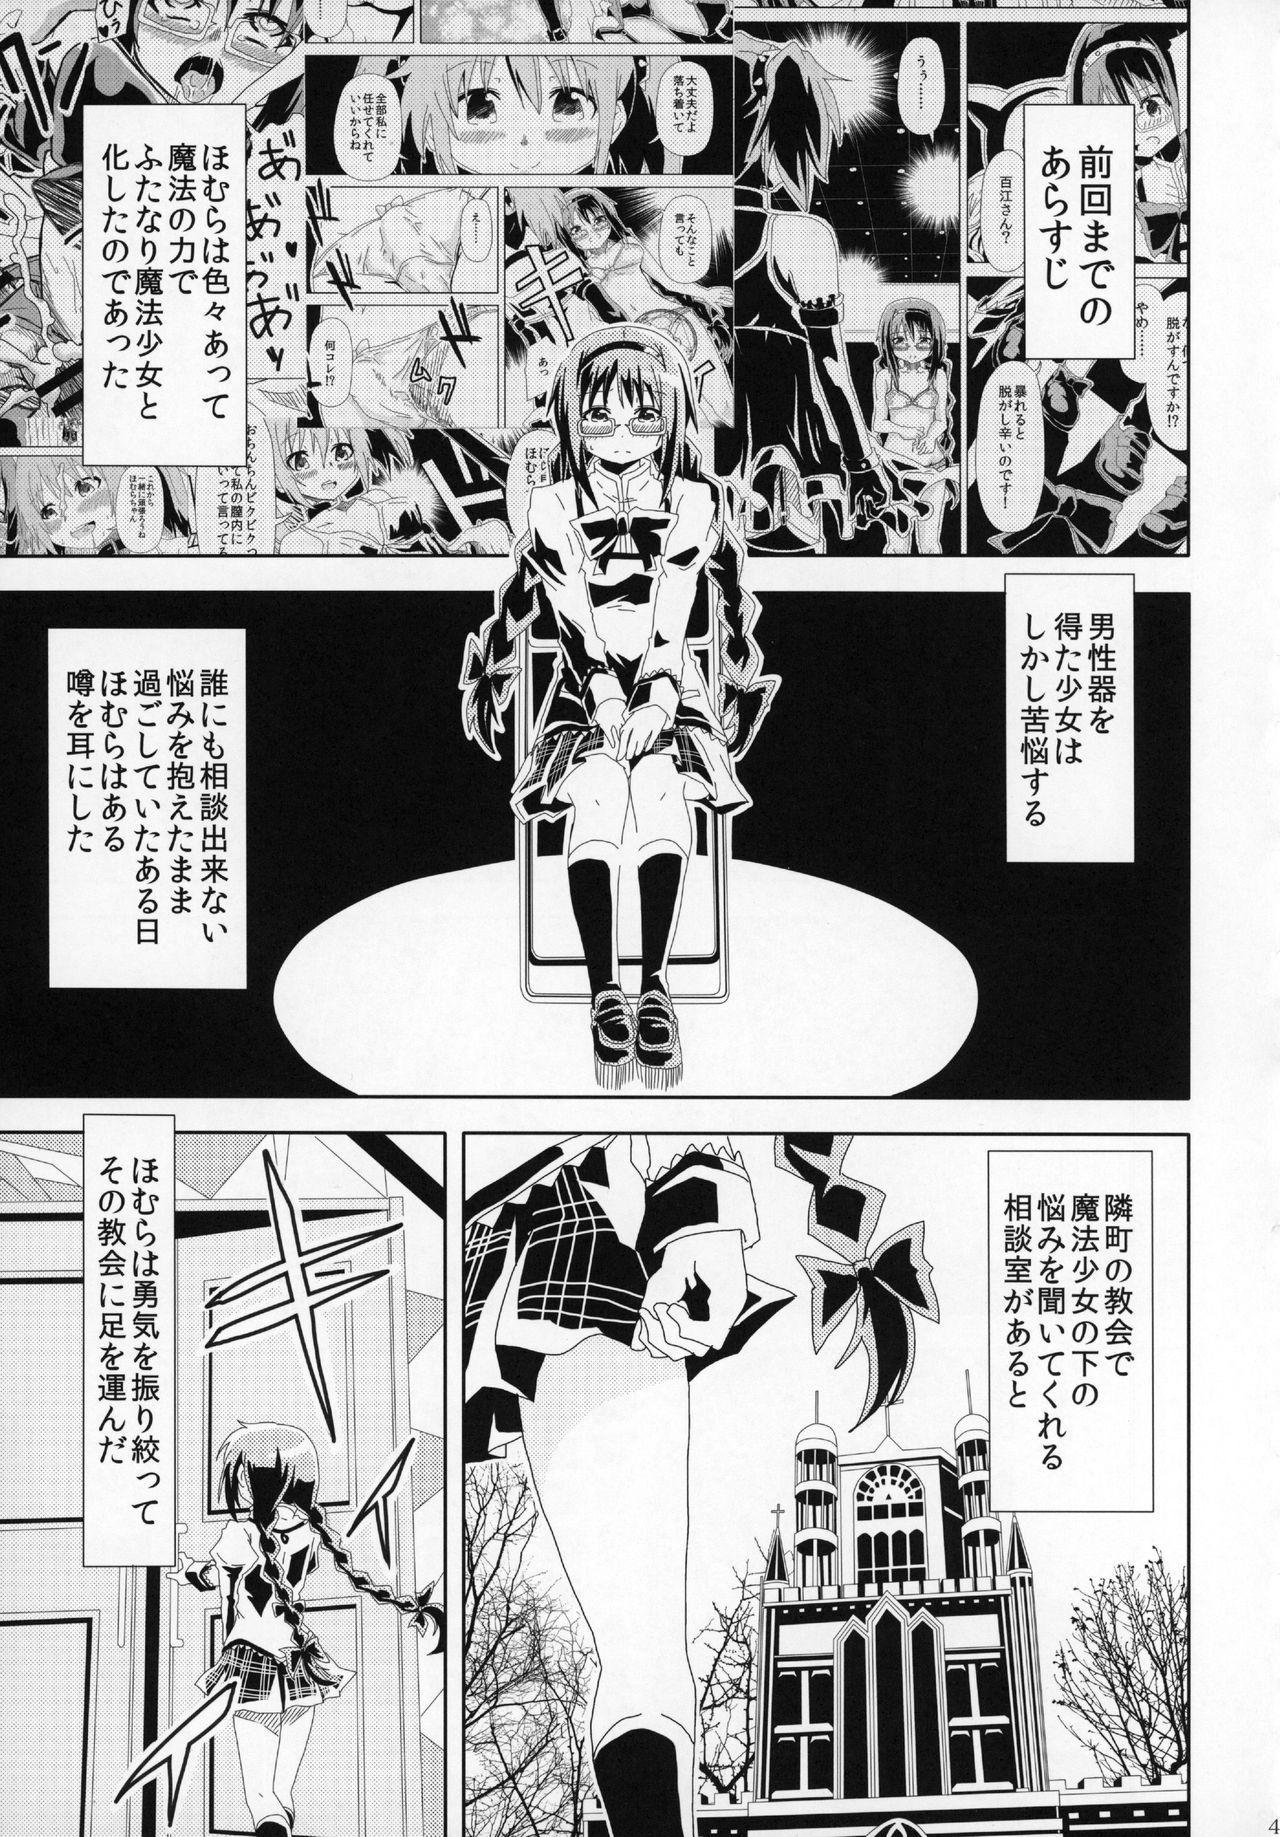 Futanari Chinko ni Onayami no Aru Mahou Shoujo Goudoushi Sono Emono, Mondai Ari desu 41